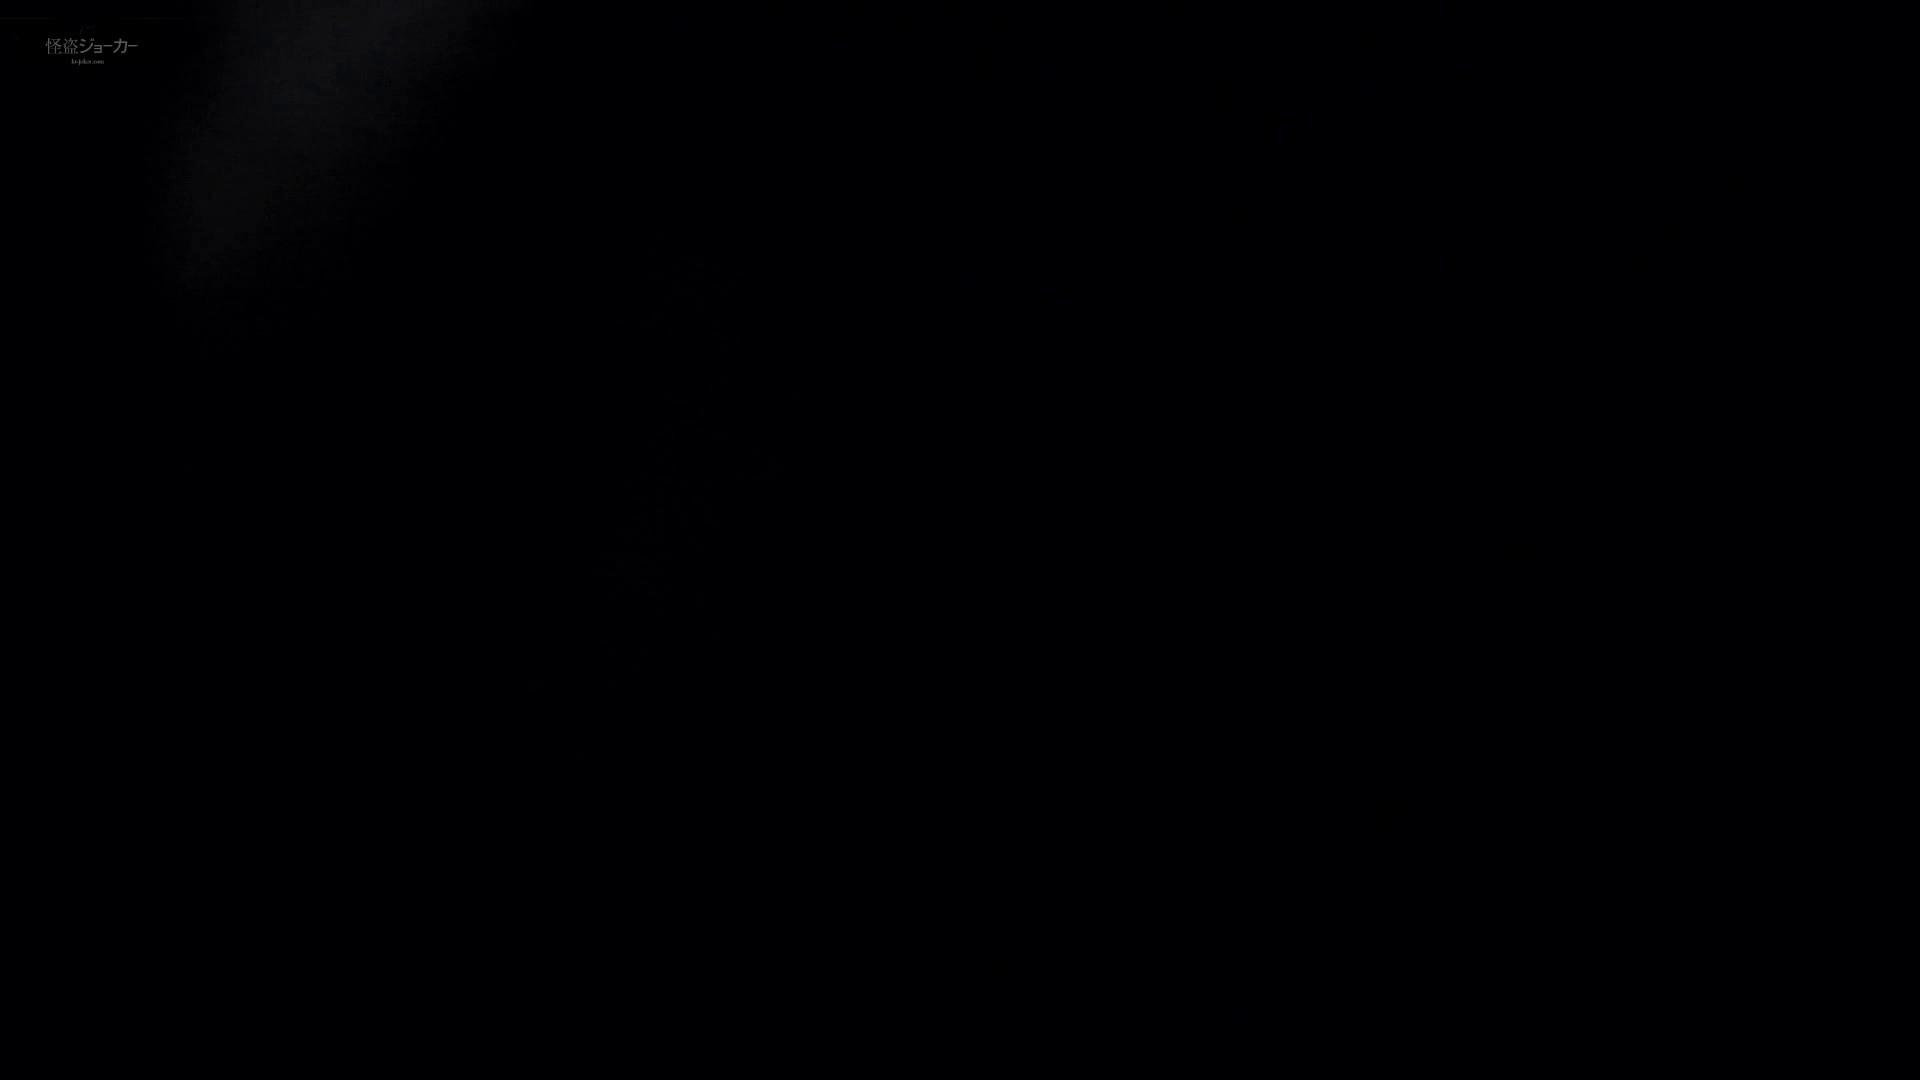 お銀さんの「洗面所突入レポート!!」 vol.53 冬到来!美女も到来! OLのボディ AV動画キャプチャ 91PIX 82